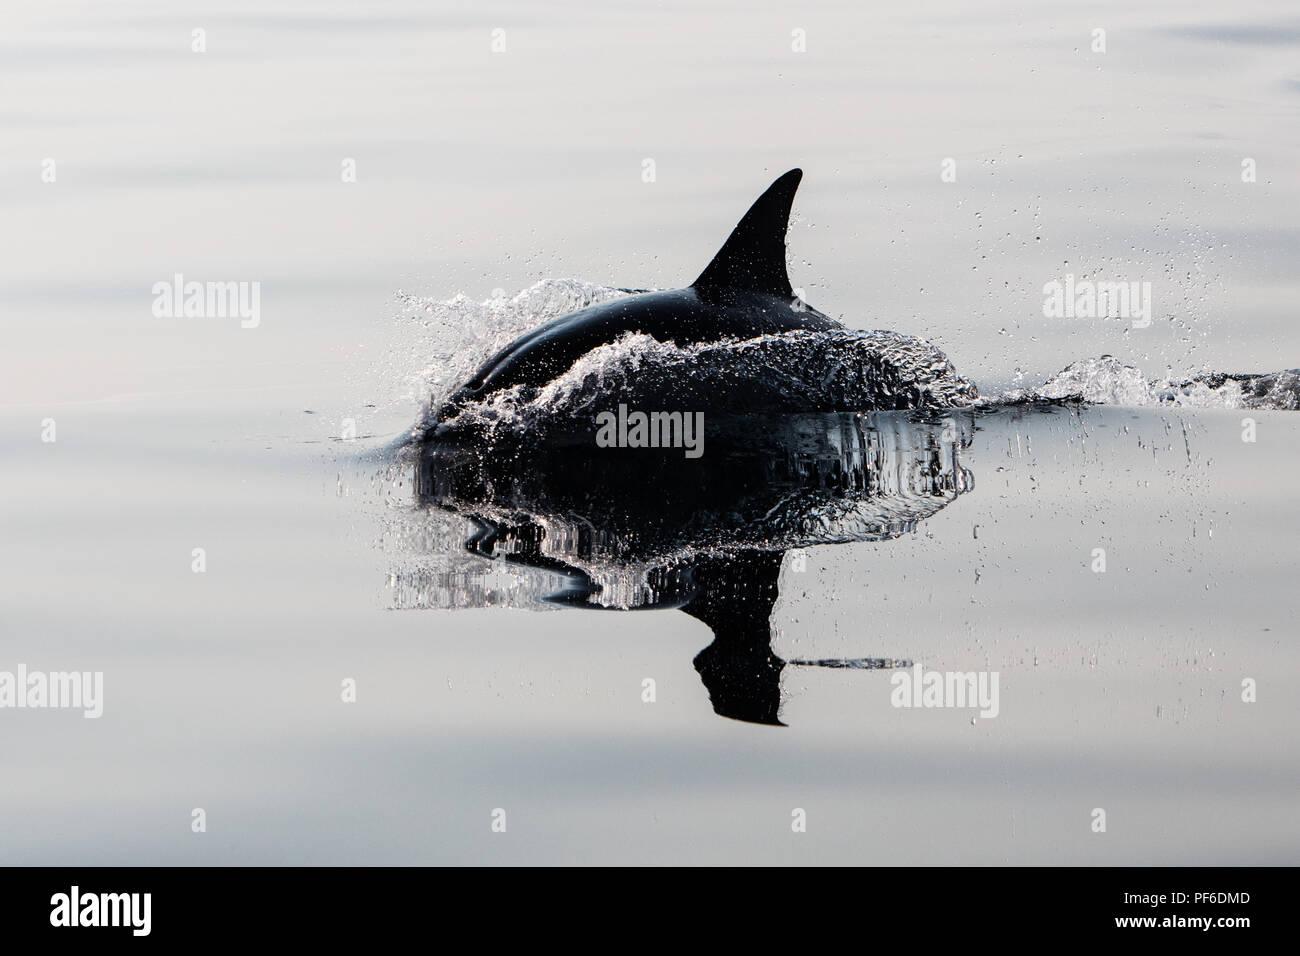 Eine schnelle und flexible Short-Beaked Common dolphin, Delphinus delphis, schwimmt im Nordatlantik aus Cape Cod, Massachusetts. Stockfoto